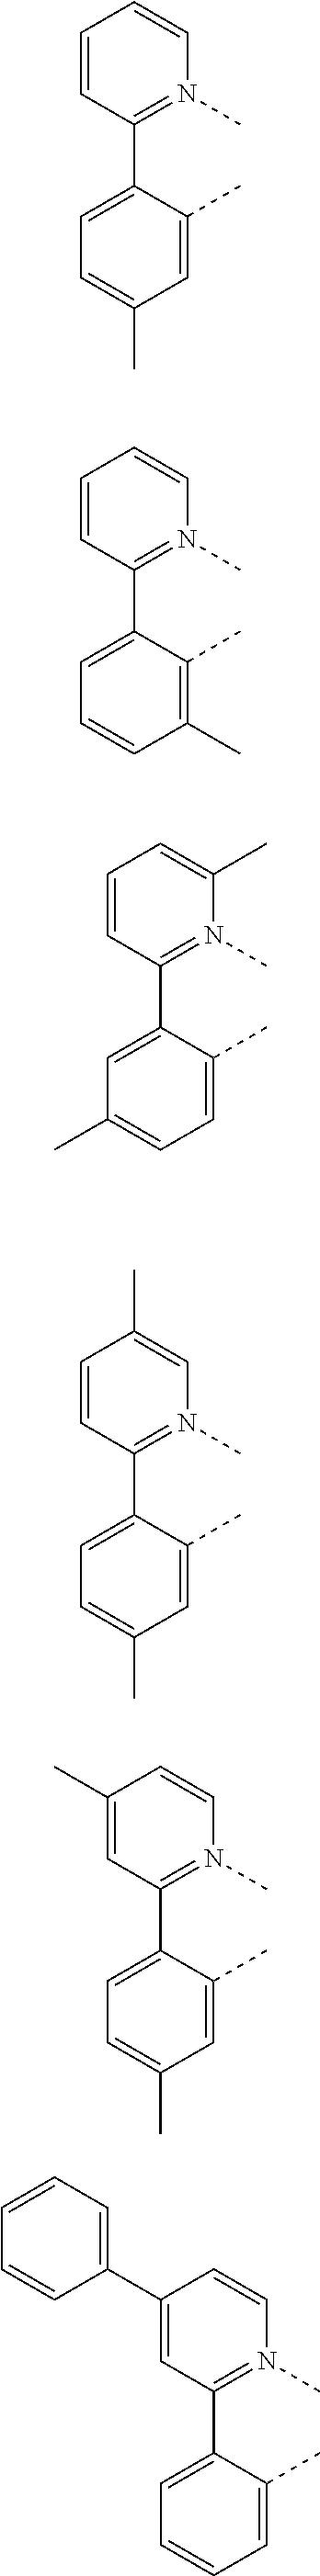 Figure US09773985-20170926-C00261